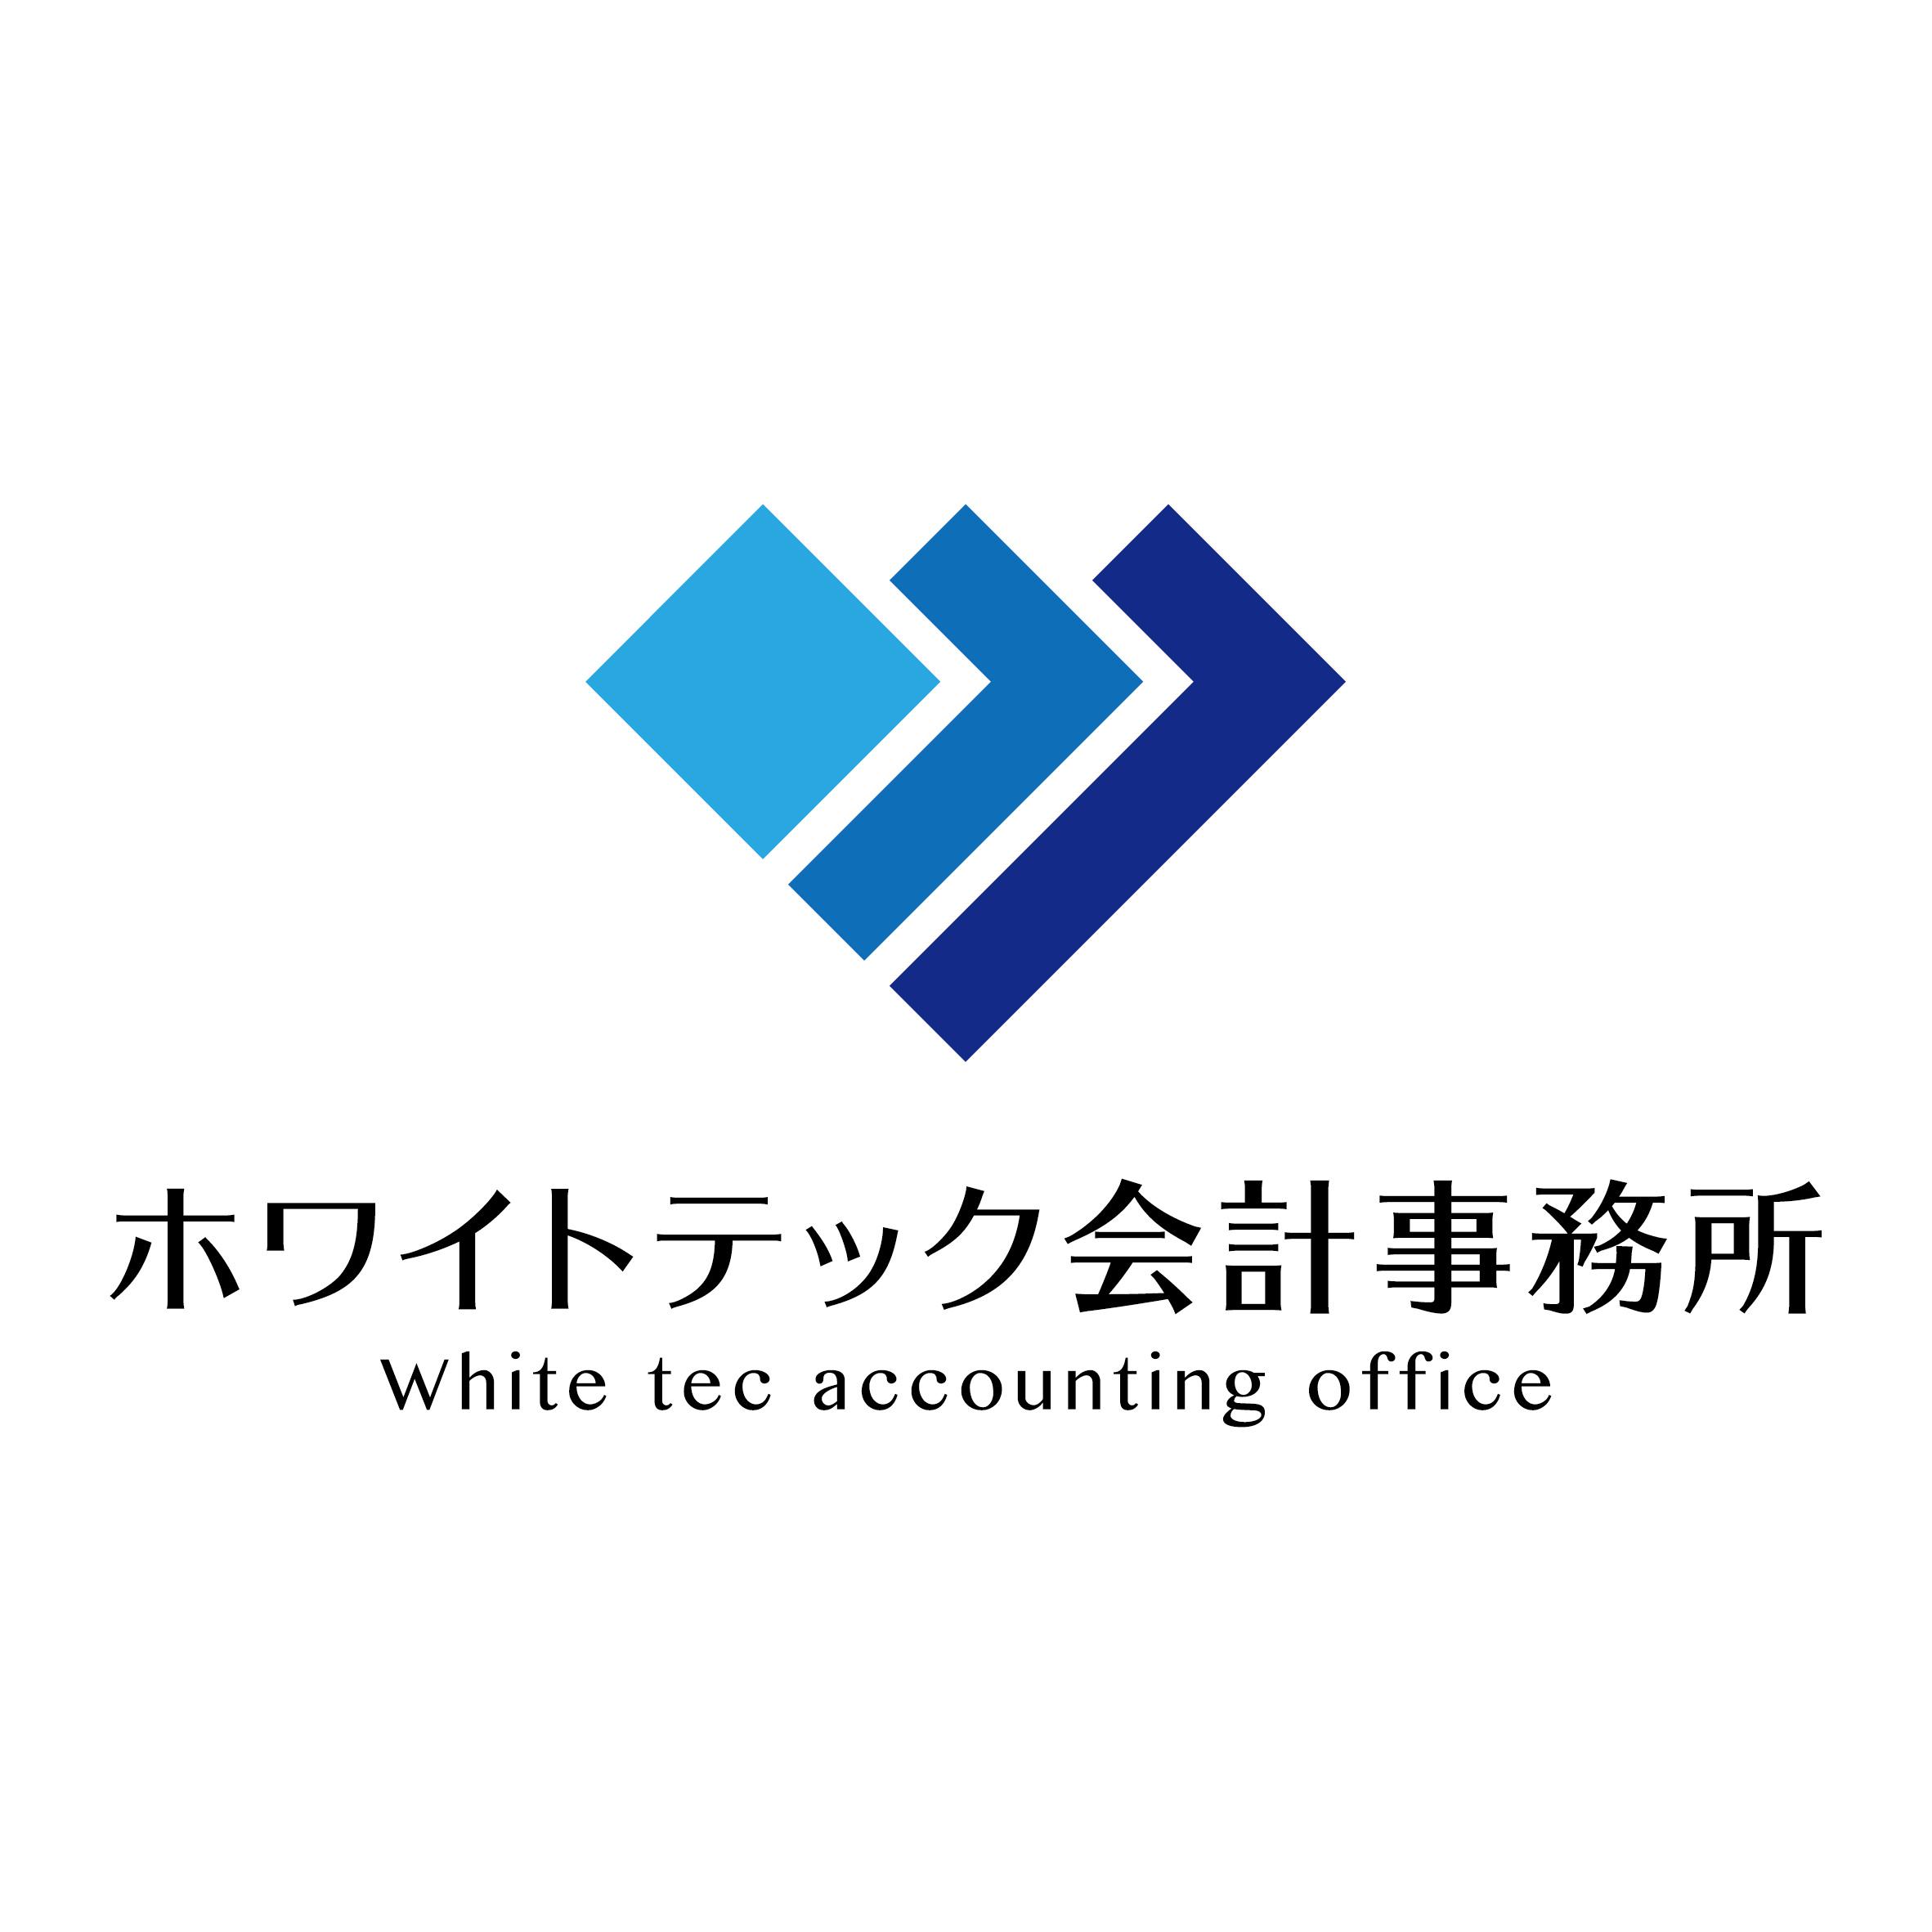 とうまつ 会計事務所 暗号通貨 節税